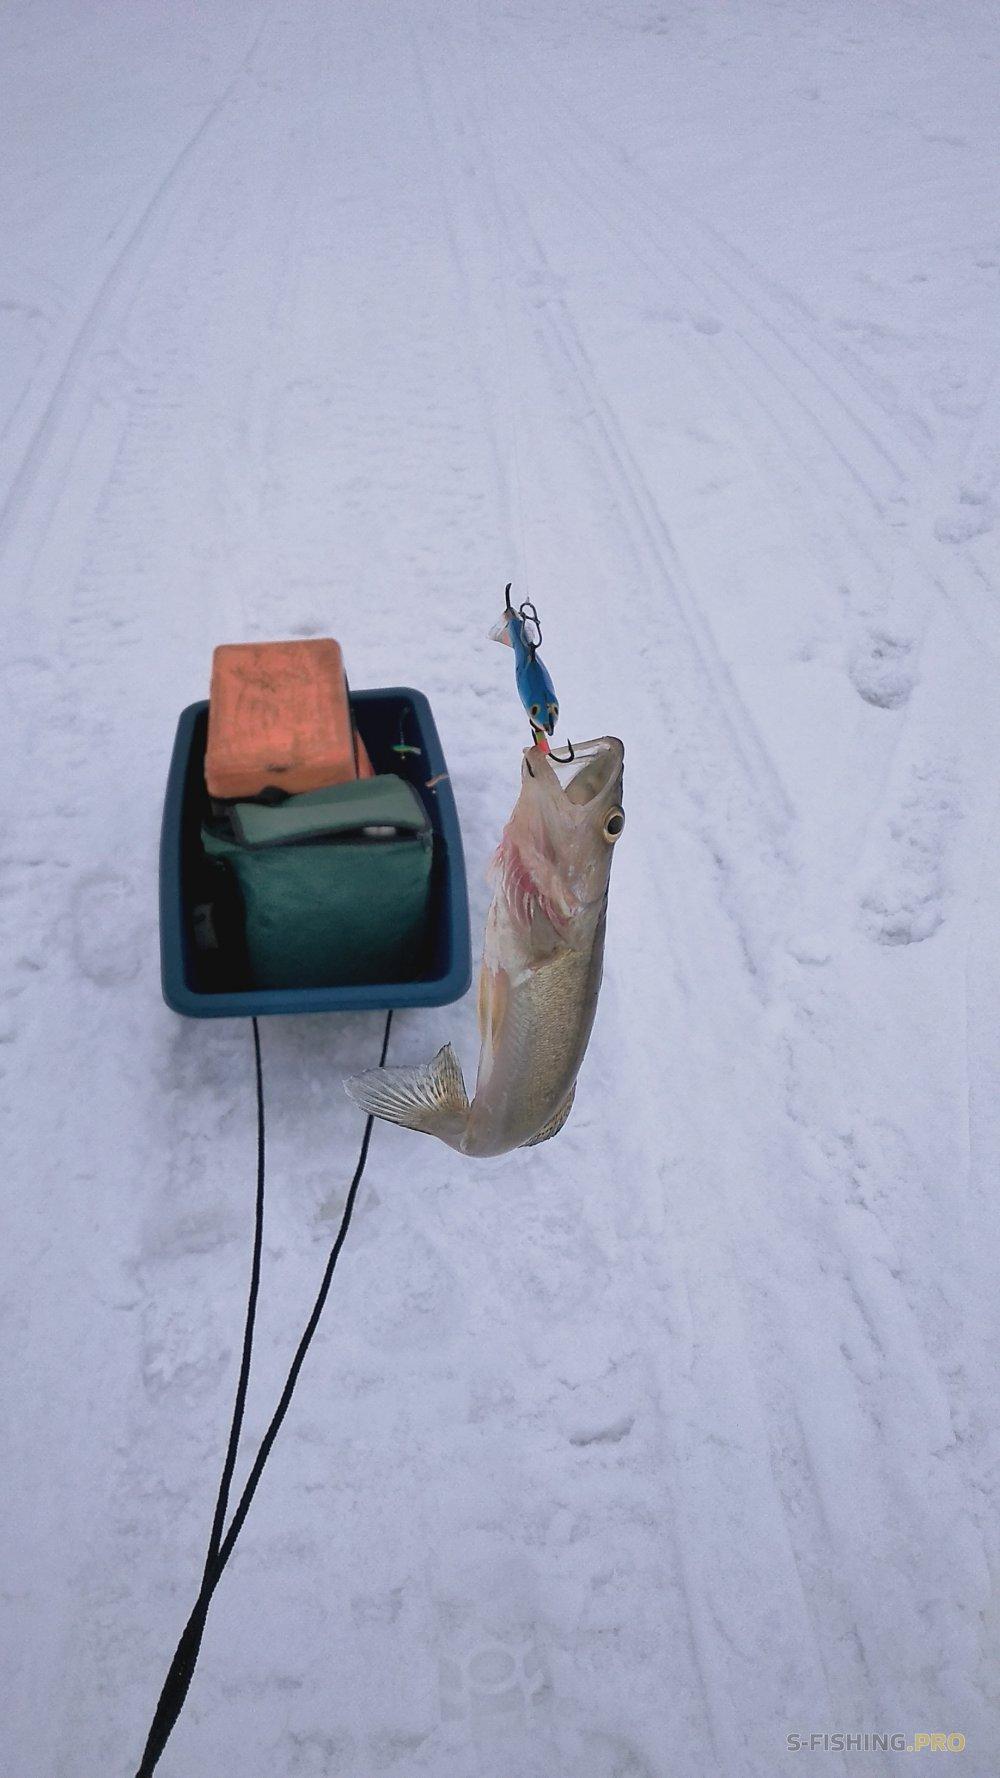 EcoGroup - эксклюзивный представитель брендов Maximus, Alaskan, LureMax, PowerPhantom, BlackSide, EcoPro, Saykio: Запутанная рыбалка!